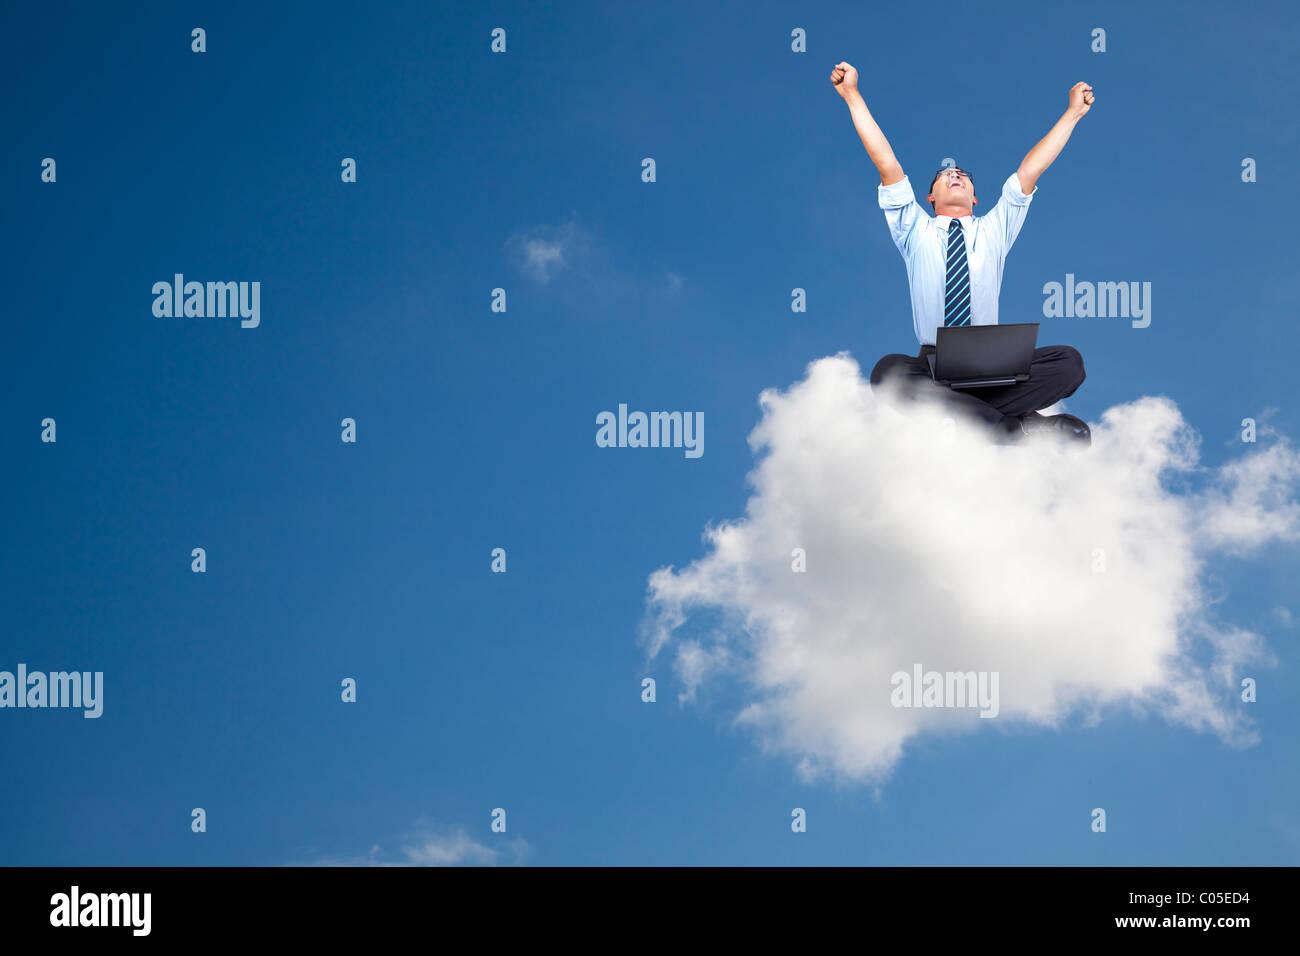 junger Geschäftsmann mit Computer auf der Wolke sitzen Stockbild